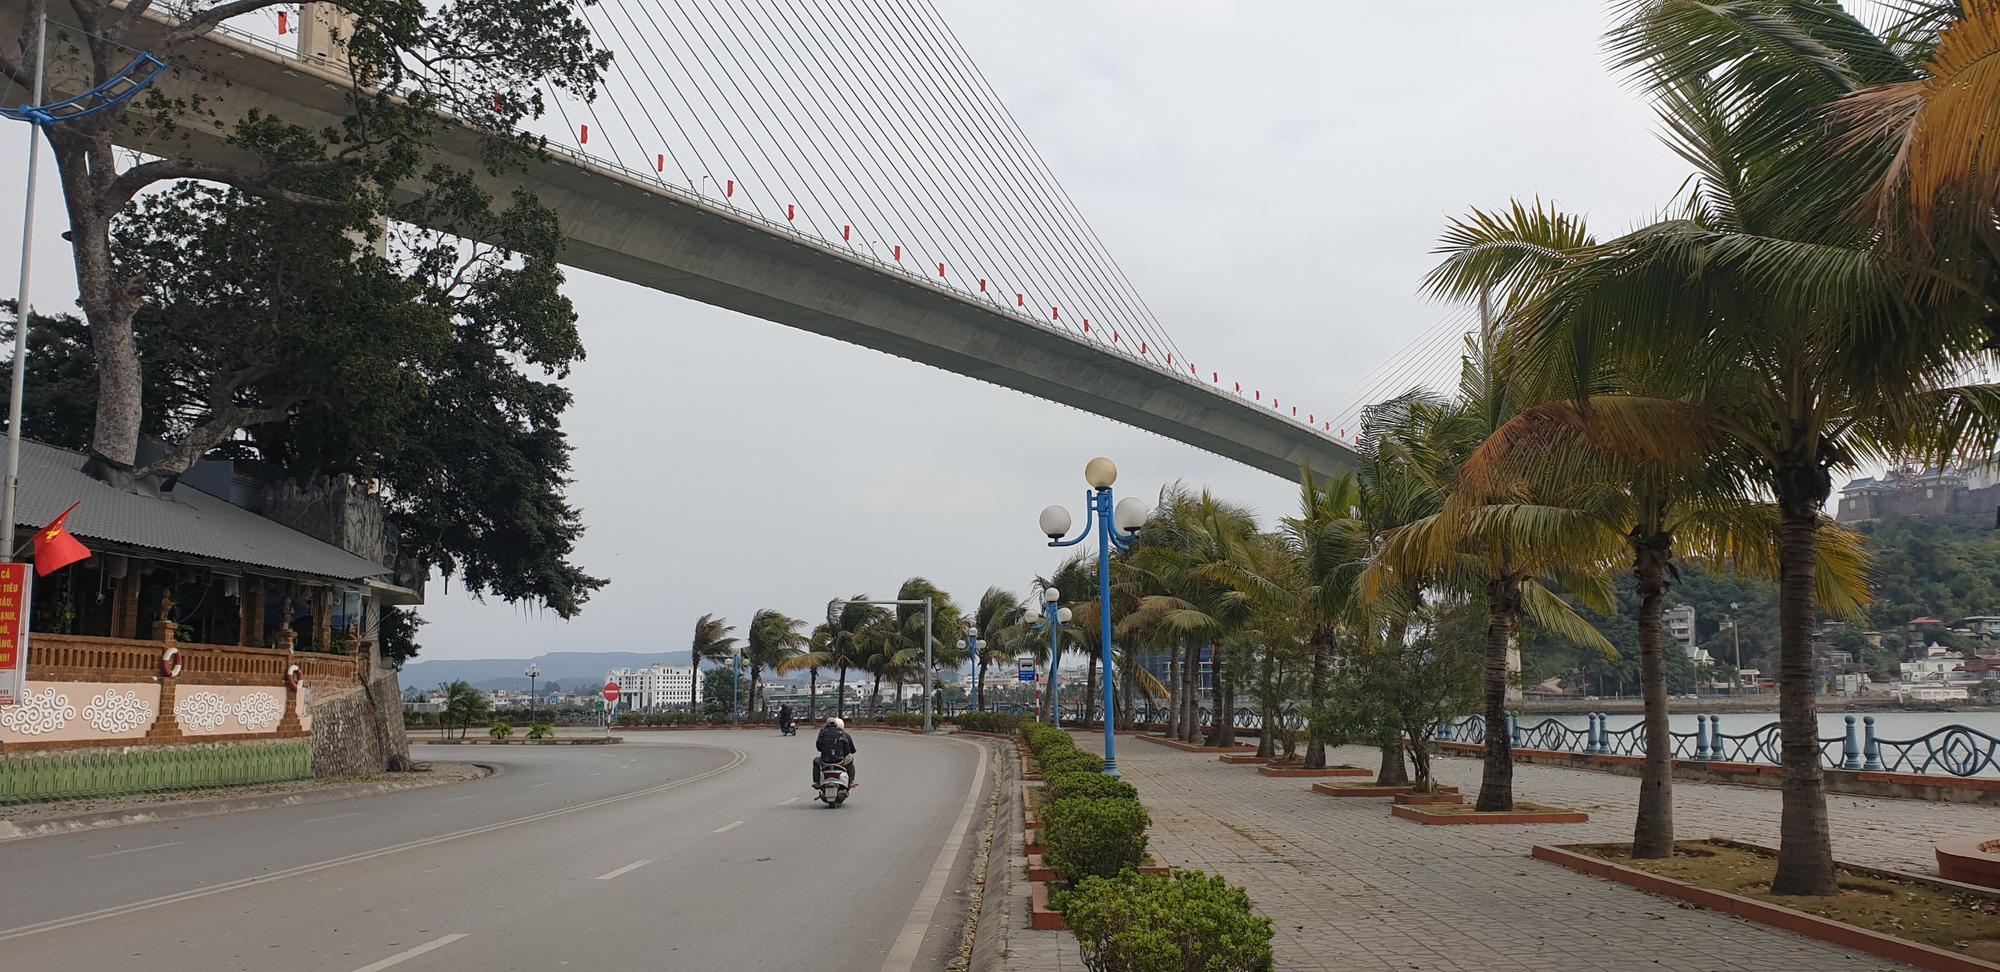 Những hình ảnh mới nhất từ Quảng Ninh sau khi phát hiện ca Covid-19 lây nhiễm trong cộng đồng  - Ảnh 2.